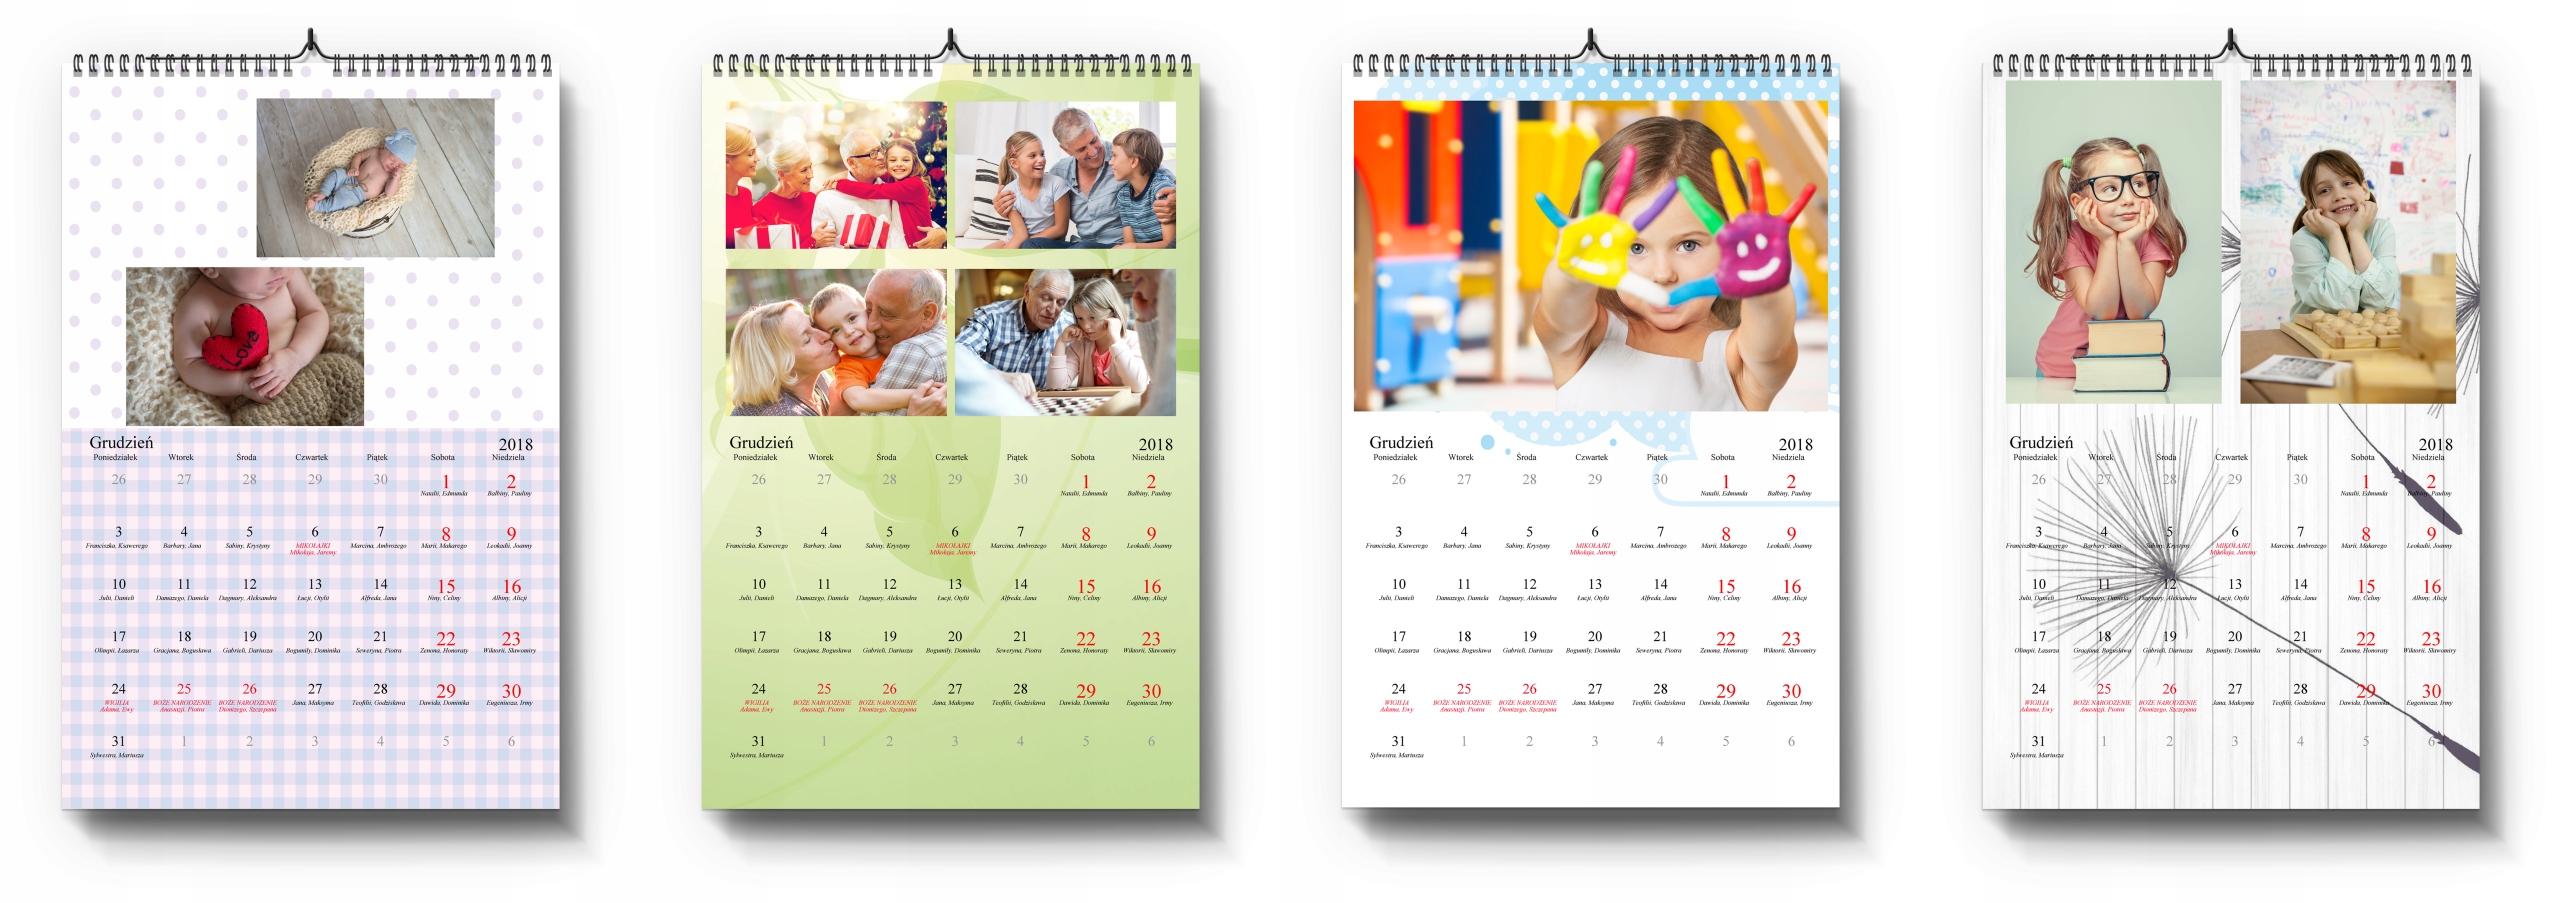 Фото-Календарь А3+ 13str с Вашими фотографиями Дате